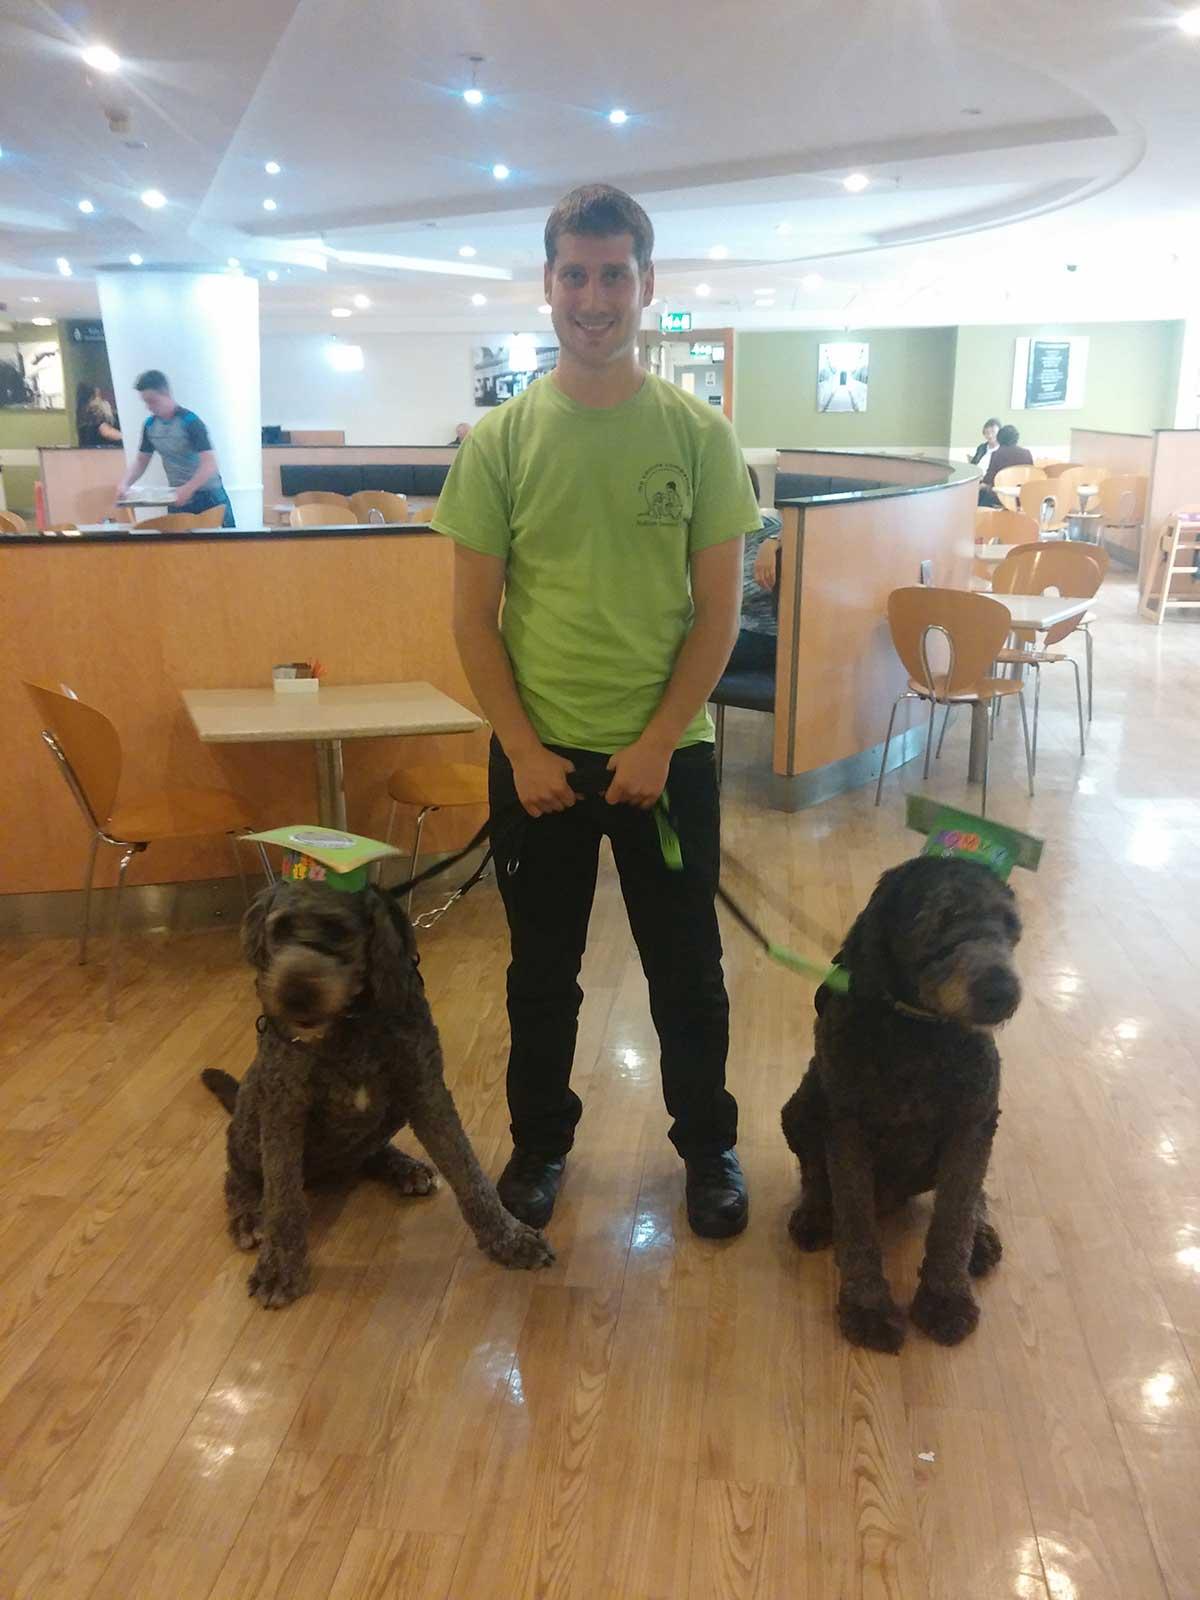 εκπαιδευτής με δύο σκύλους βοηθούς